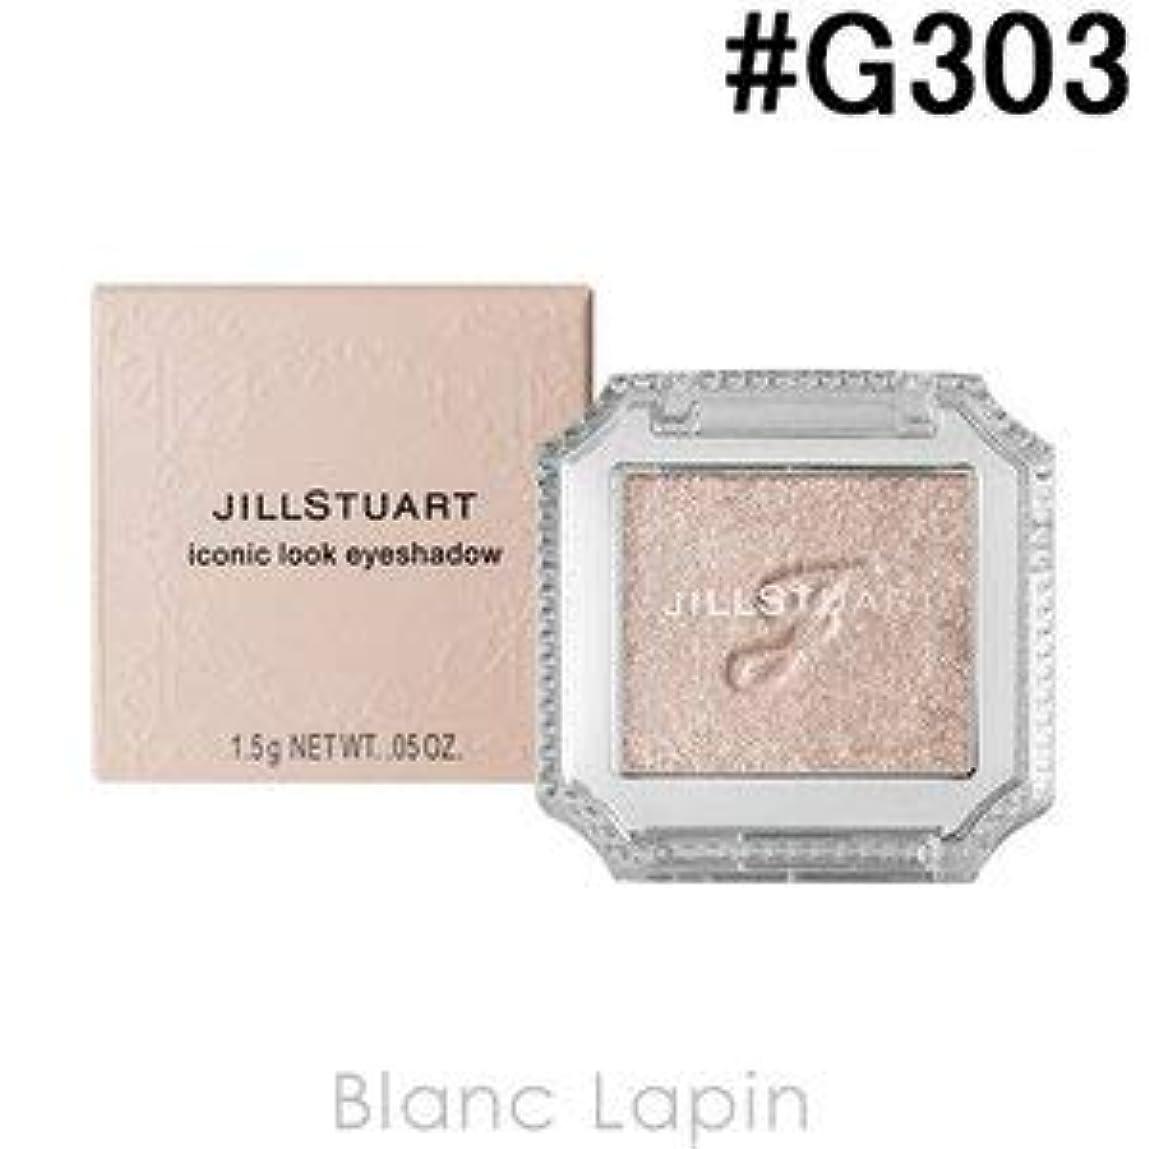 攻撃治安判事効率ジルスチュアート JILL STUART アイコニックルックアイシャドウ #G303 bring happiness 1.5g